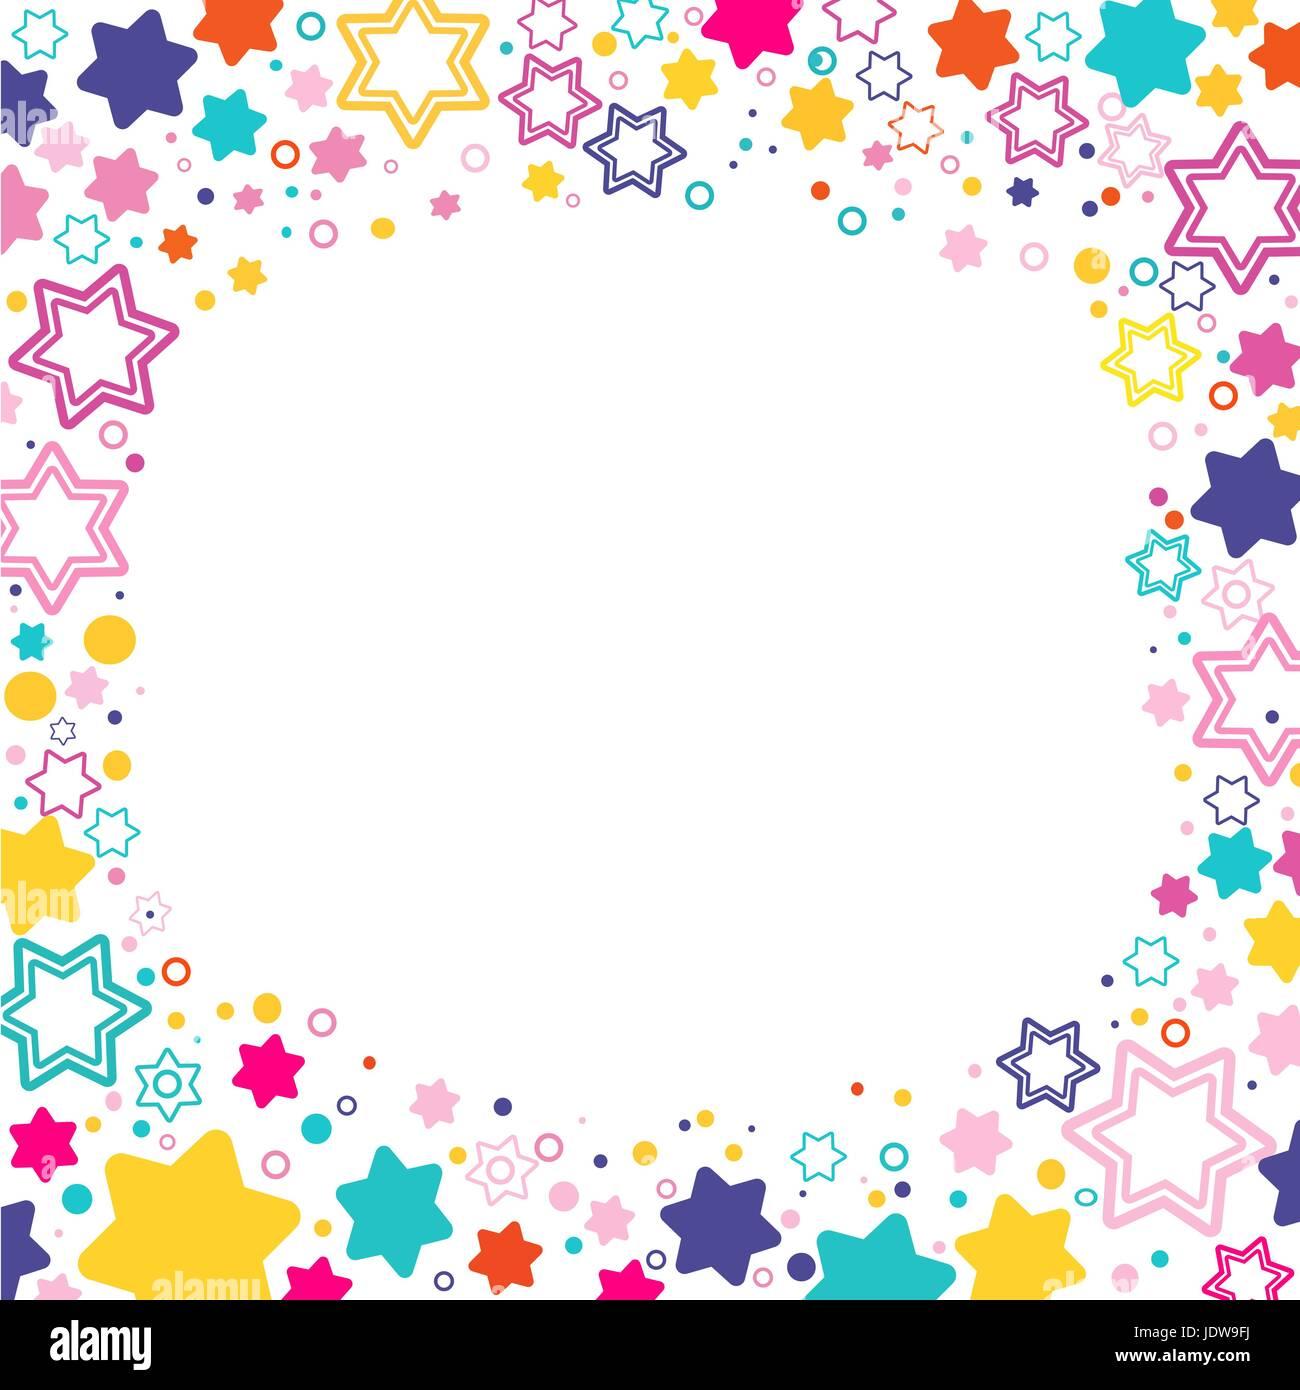 Vektor quadratischer Rahmen mit farbigen Sternen David auf dem ...